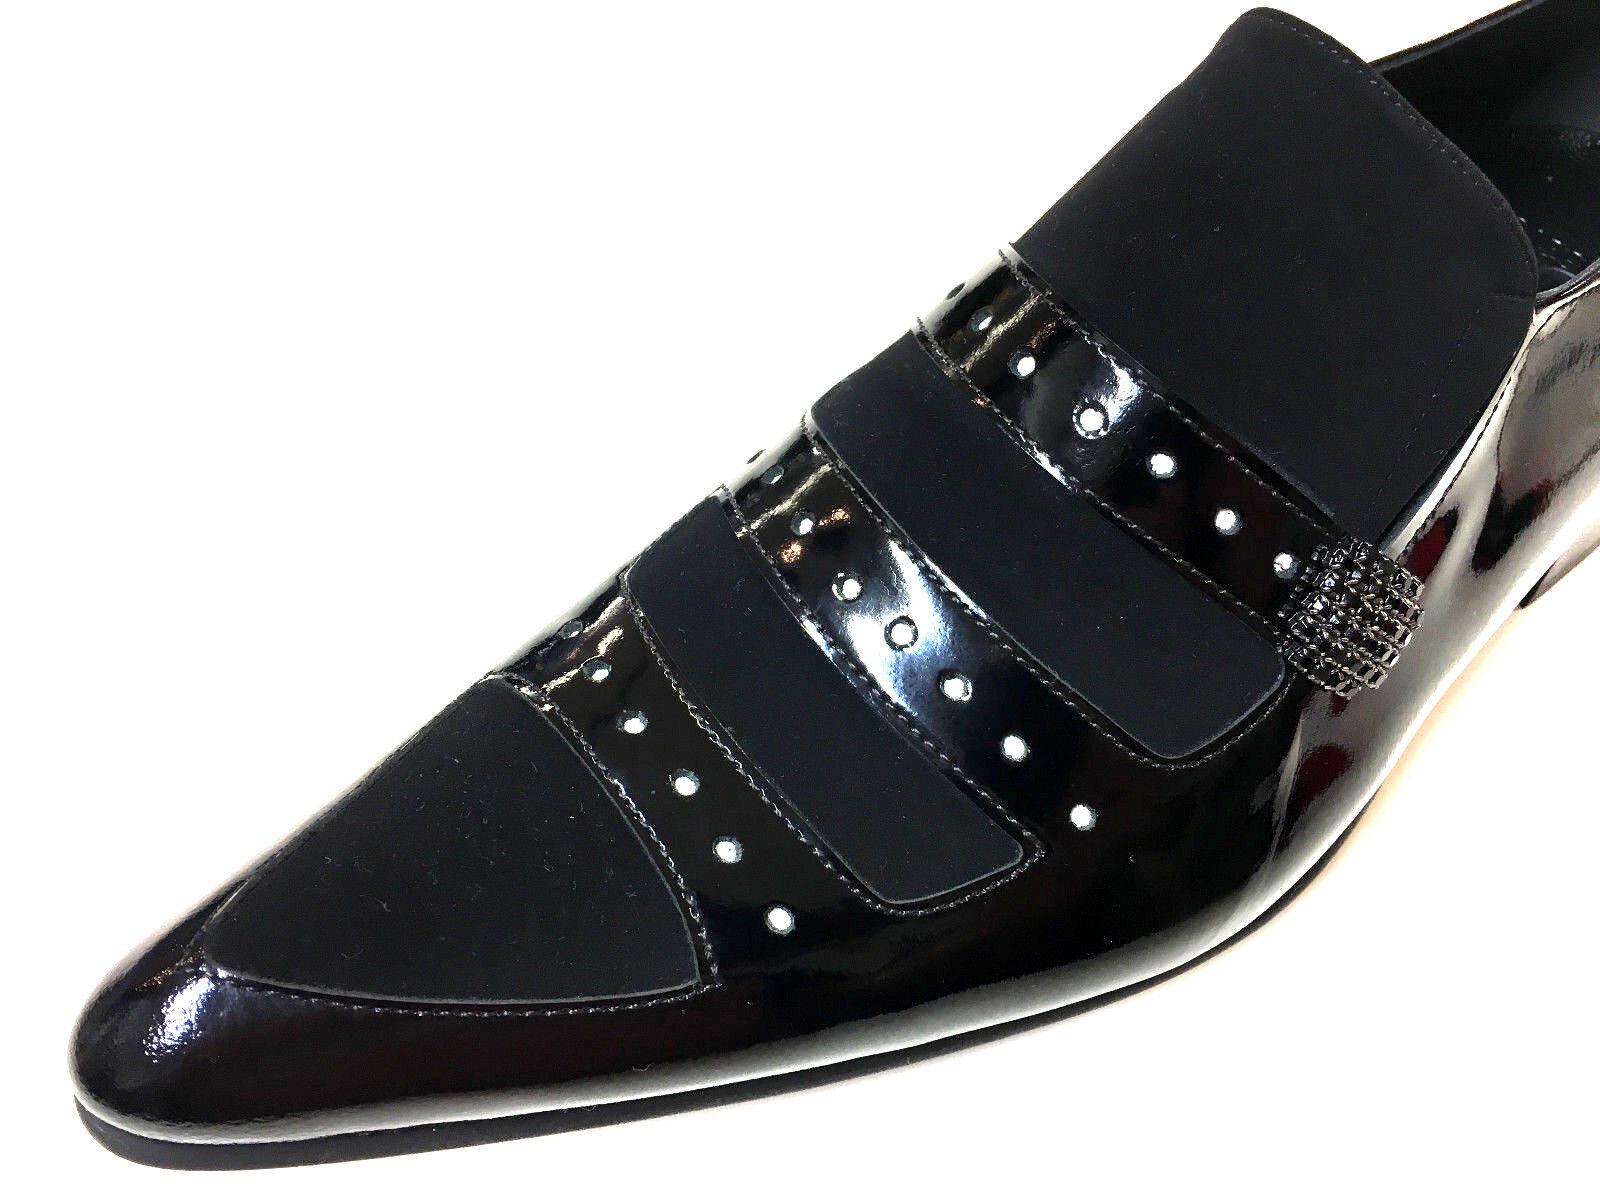 Chelsy extravagantes Designer cuero zapatos caballero negras suela de cuero Slipper 42